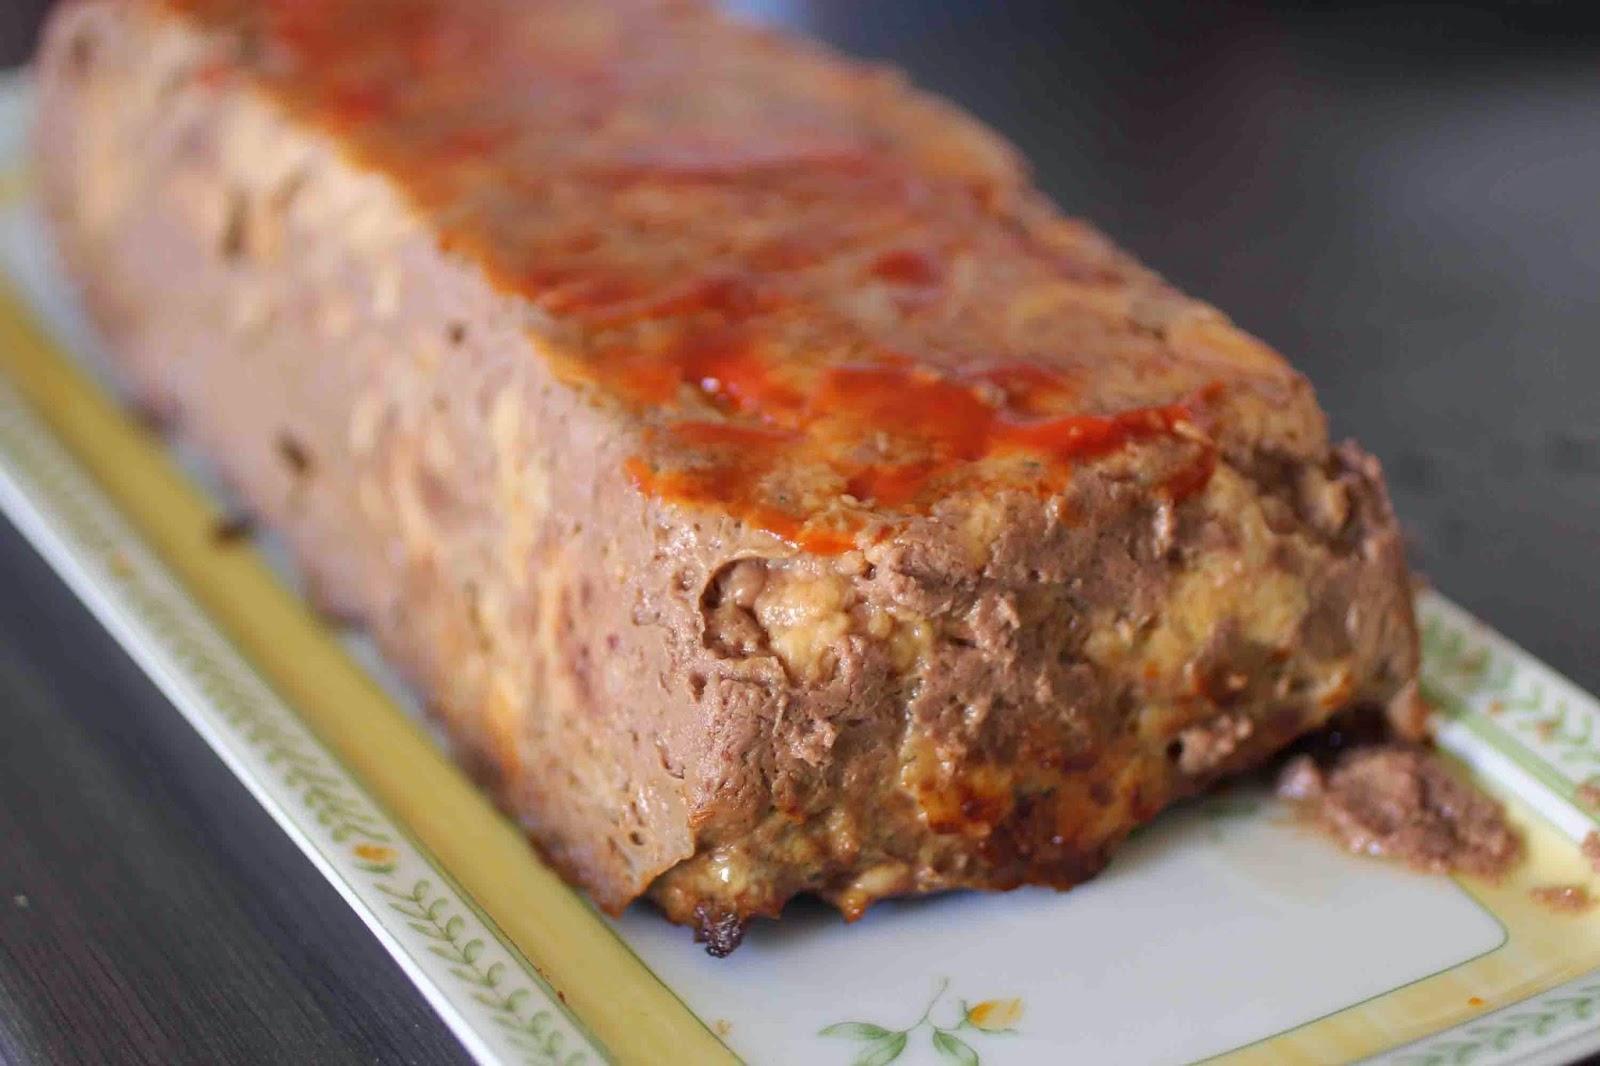 http://camilleenchocolat.blogspot.fr/2014/12/pain-de-viande.html